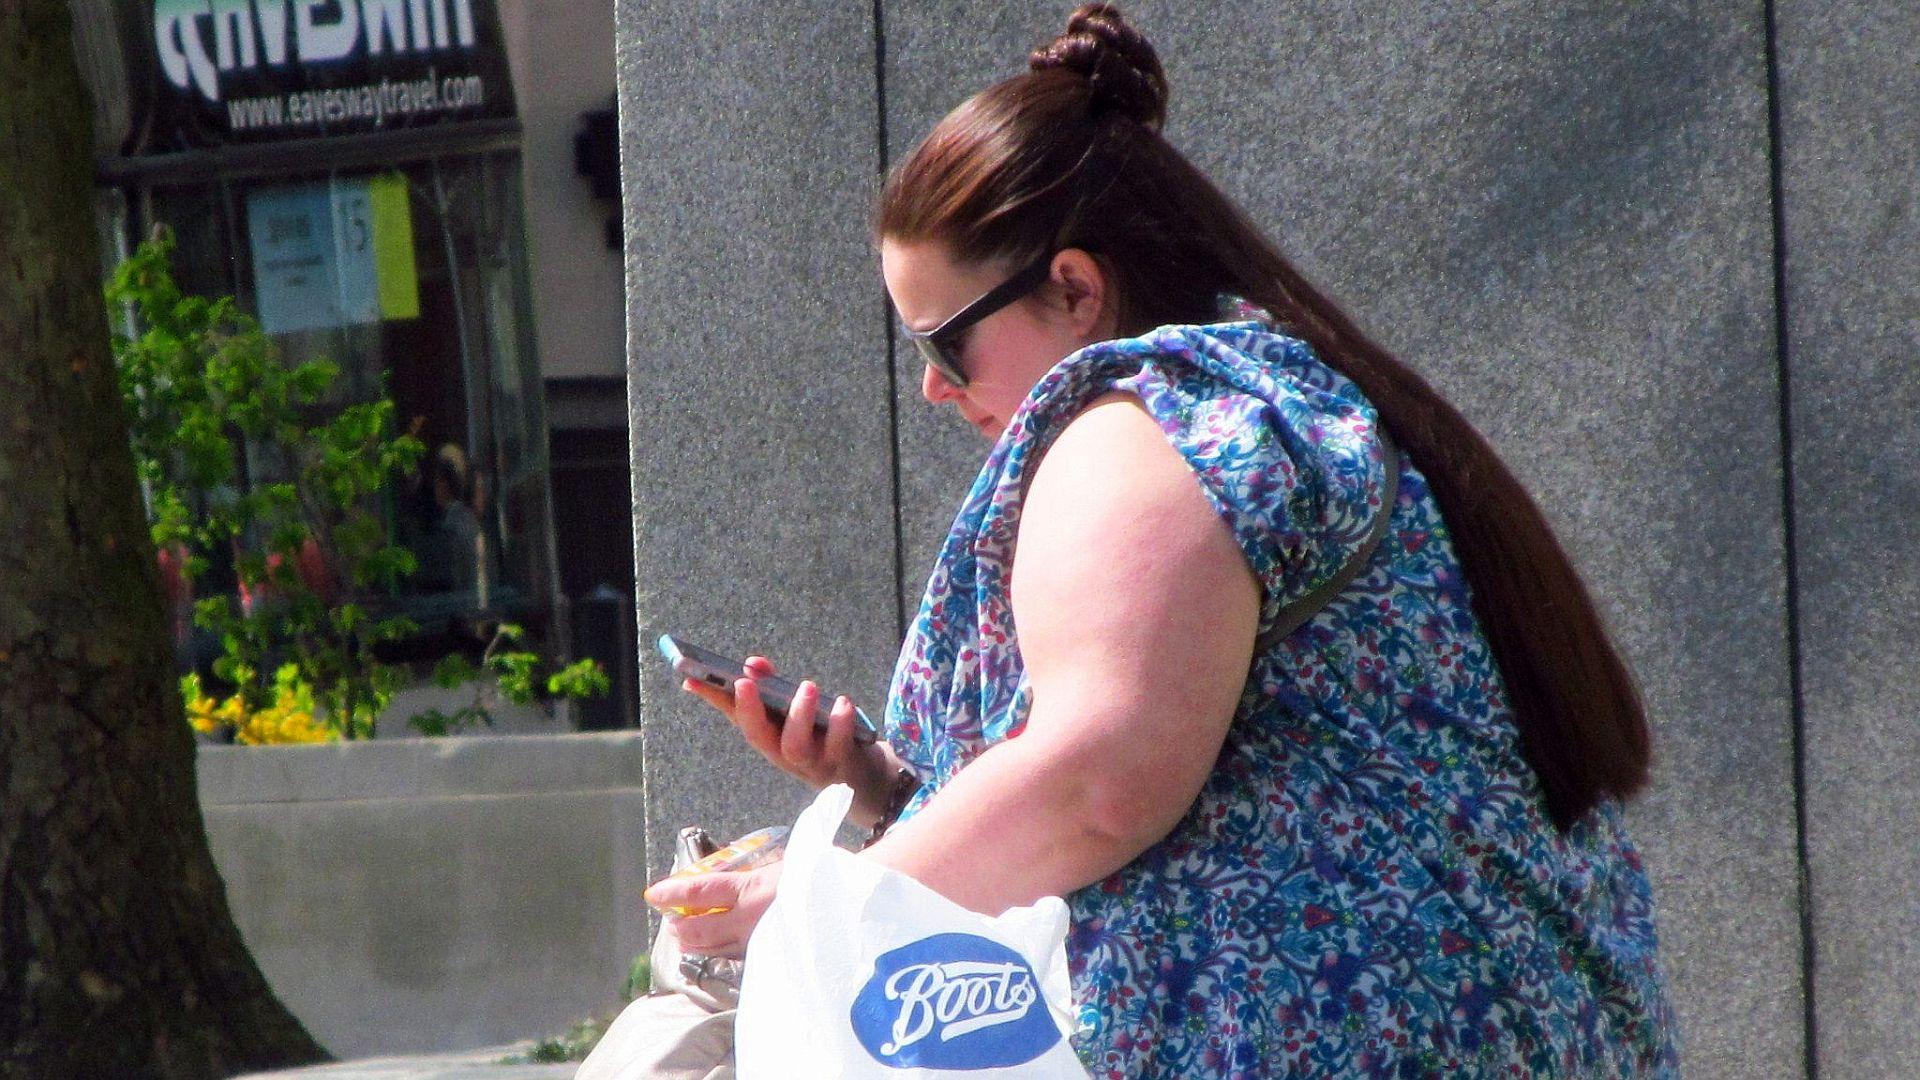 Het Nationale Preventieakkoord zet voorlichting centraal. Dat zal overgewicht en alcoholgebruik onvoldoende terugdringen. Effectief gebleken interventies ontbreken, zoals het verminderen van verkooppunten van alcohol en btw-verlaging van groenten en fruit.